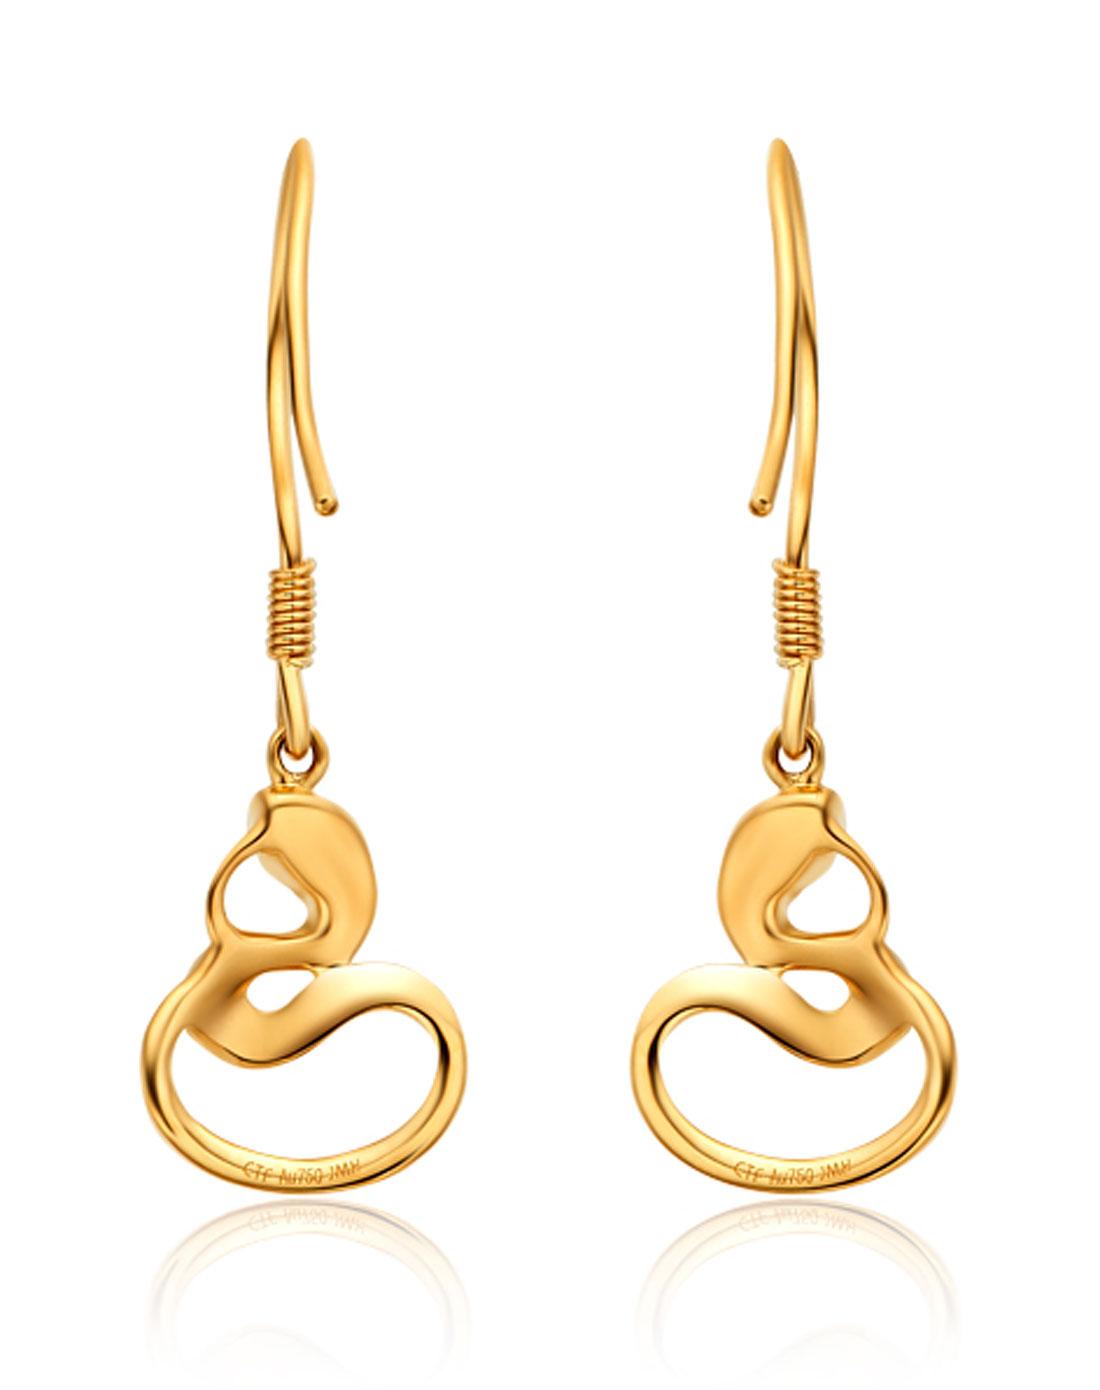 不同品牌的金耳环价格差别大吗?